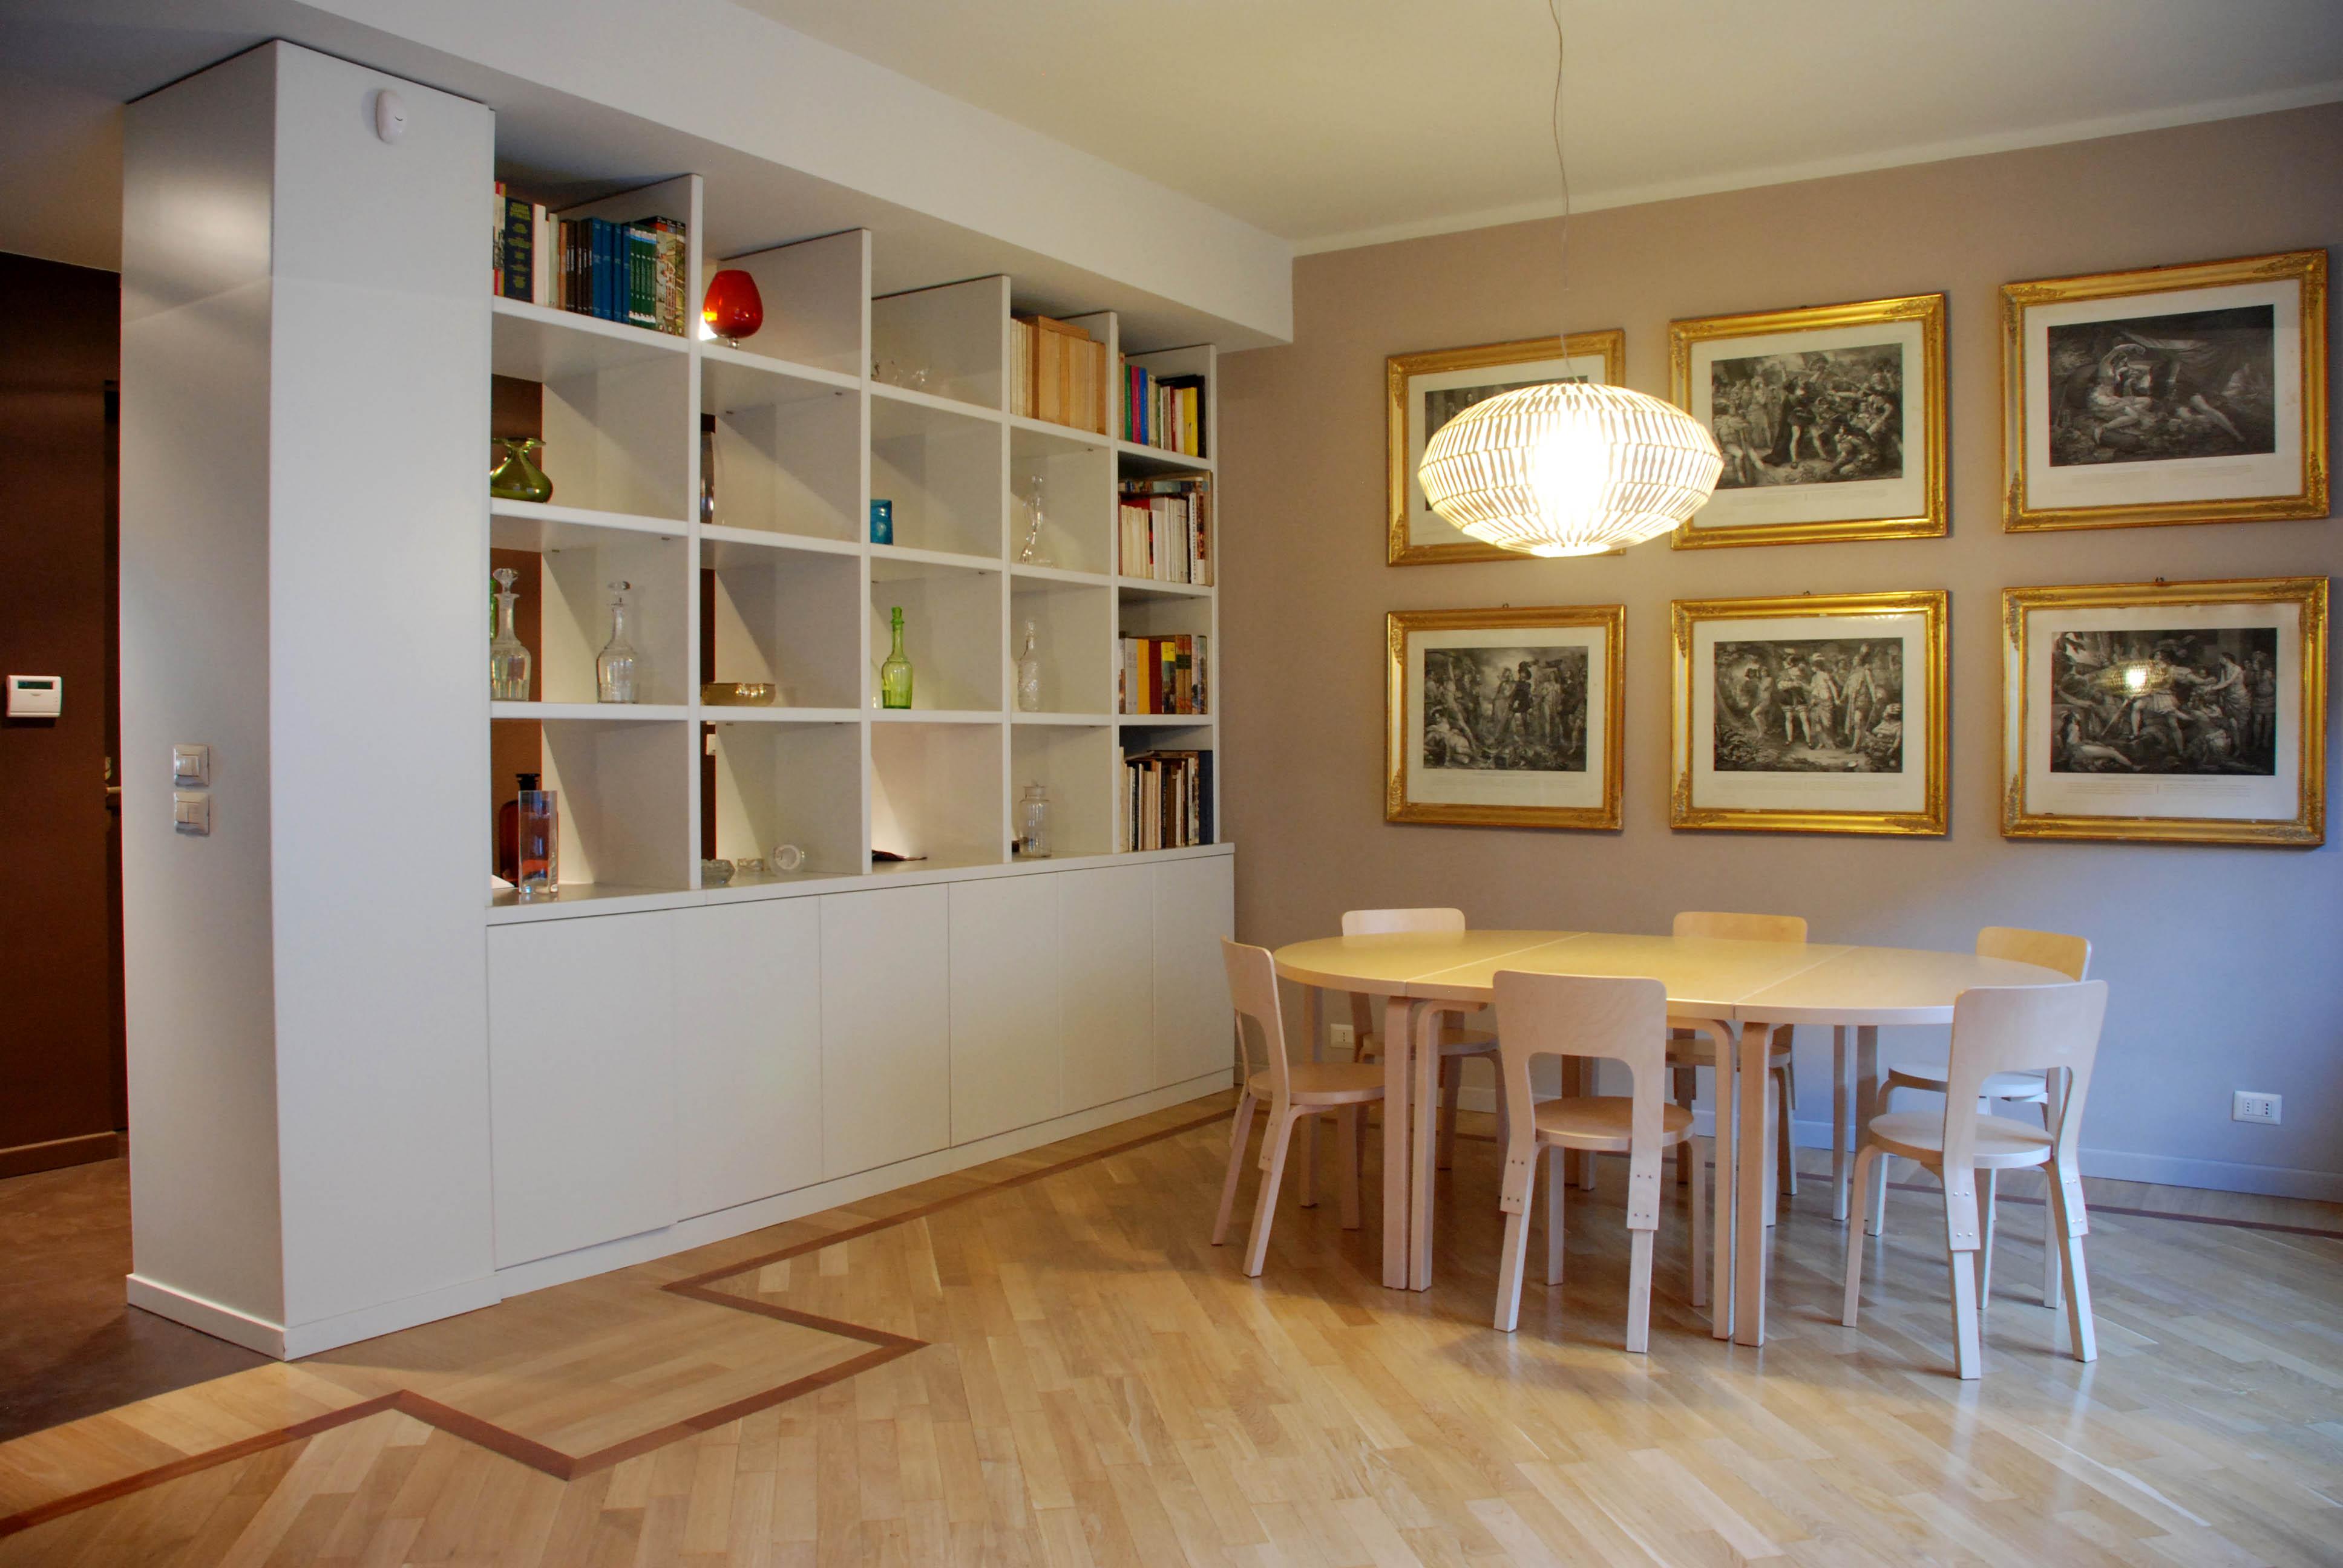 Corso vittorio torino idee ristrutturazione casa for Idee ristrutturazione casa